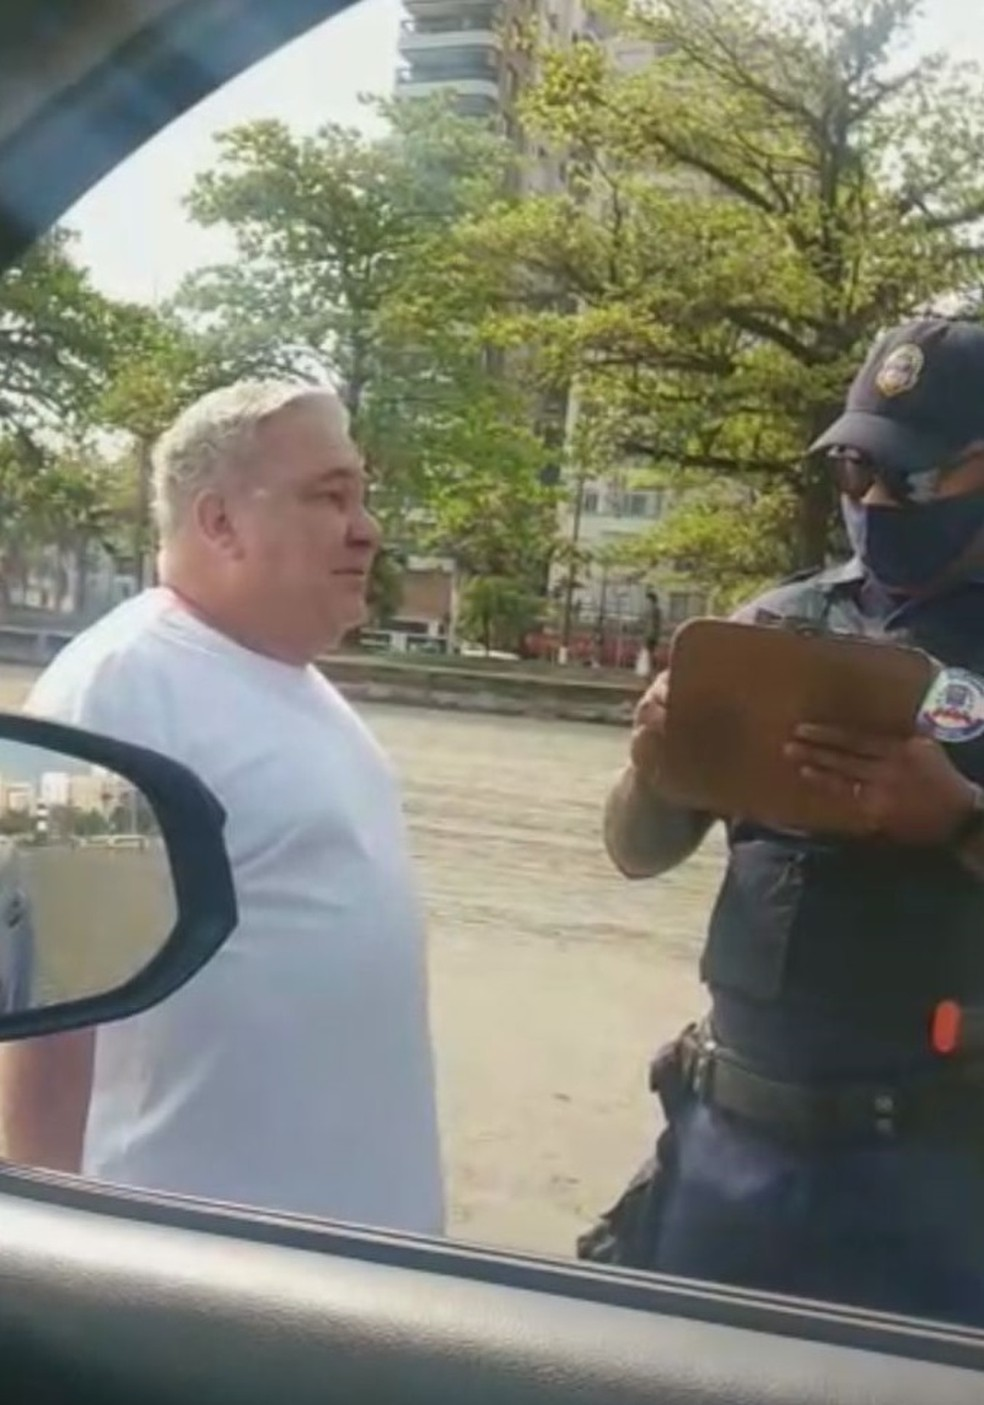 Guarda Civil foi humilhado por desembargador durante fiscalização em Santos. — Foto: Reprodução